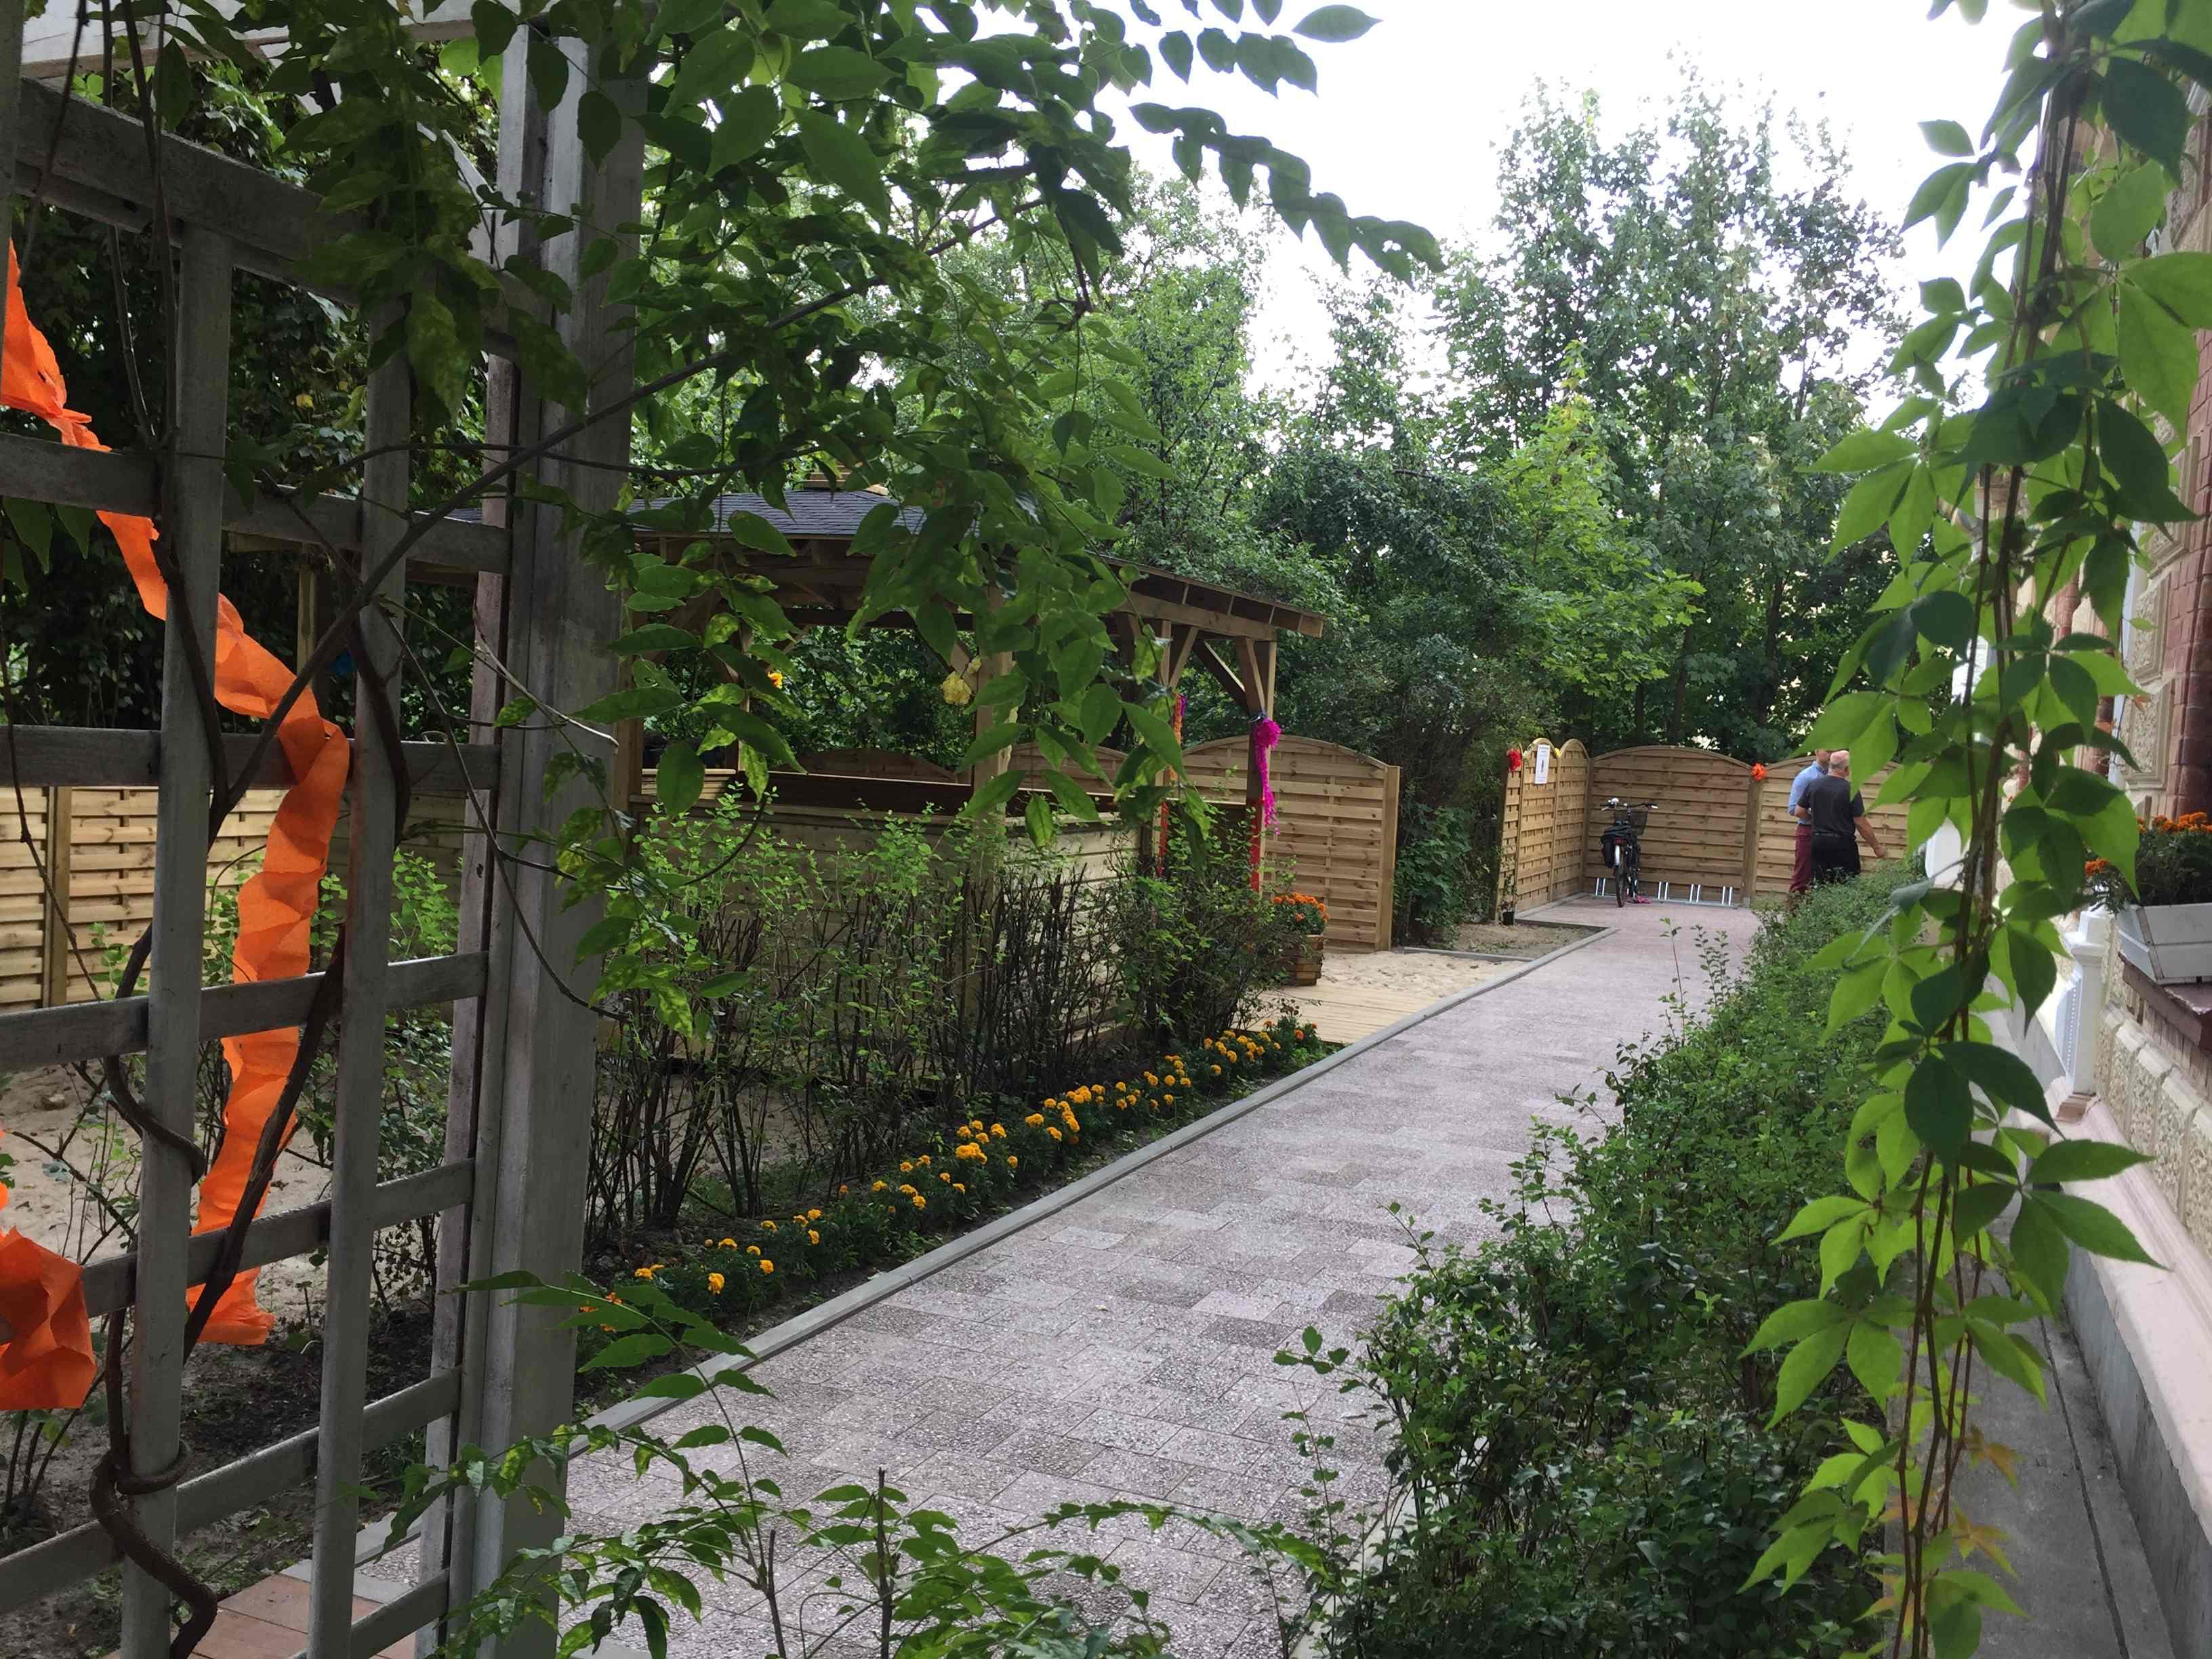 ogrodek-dla-sopockich-dzieci-05-09-2019-r